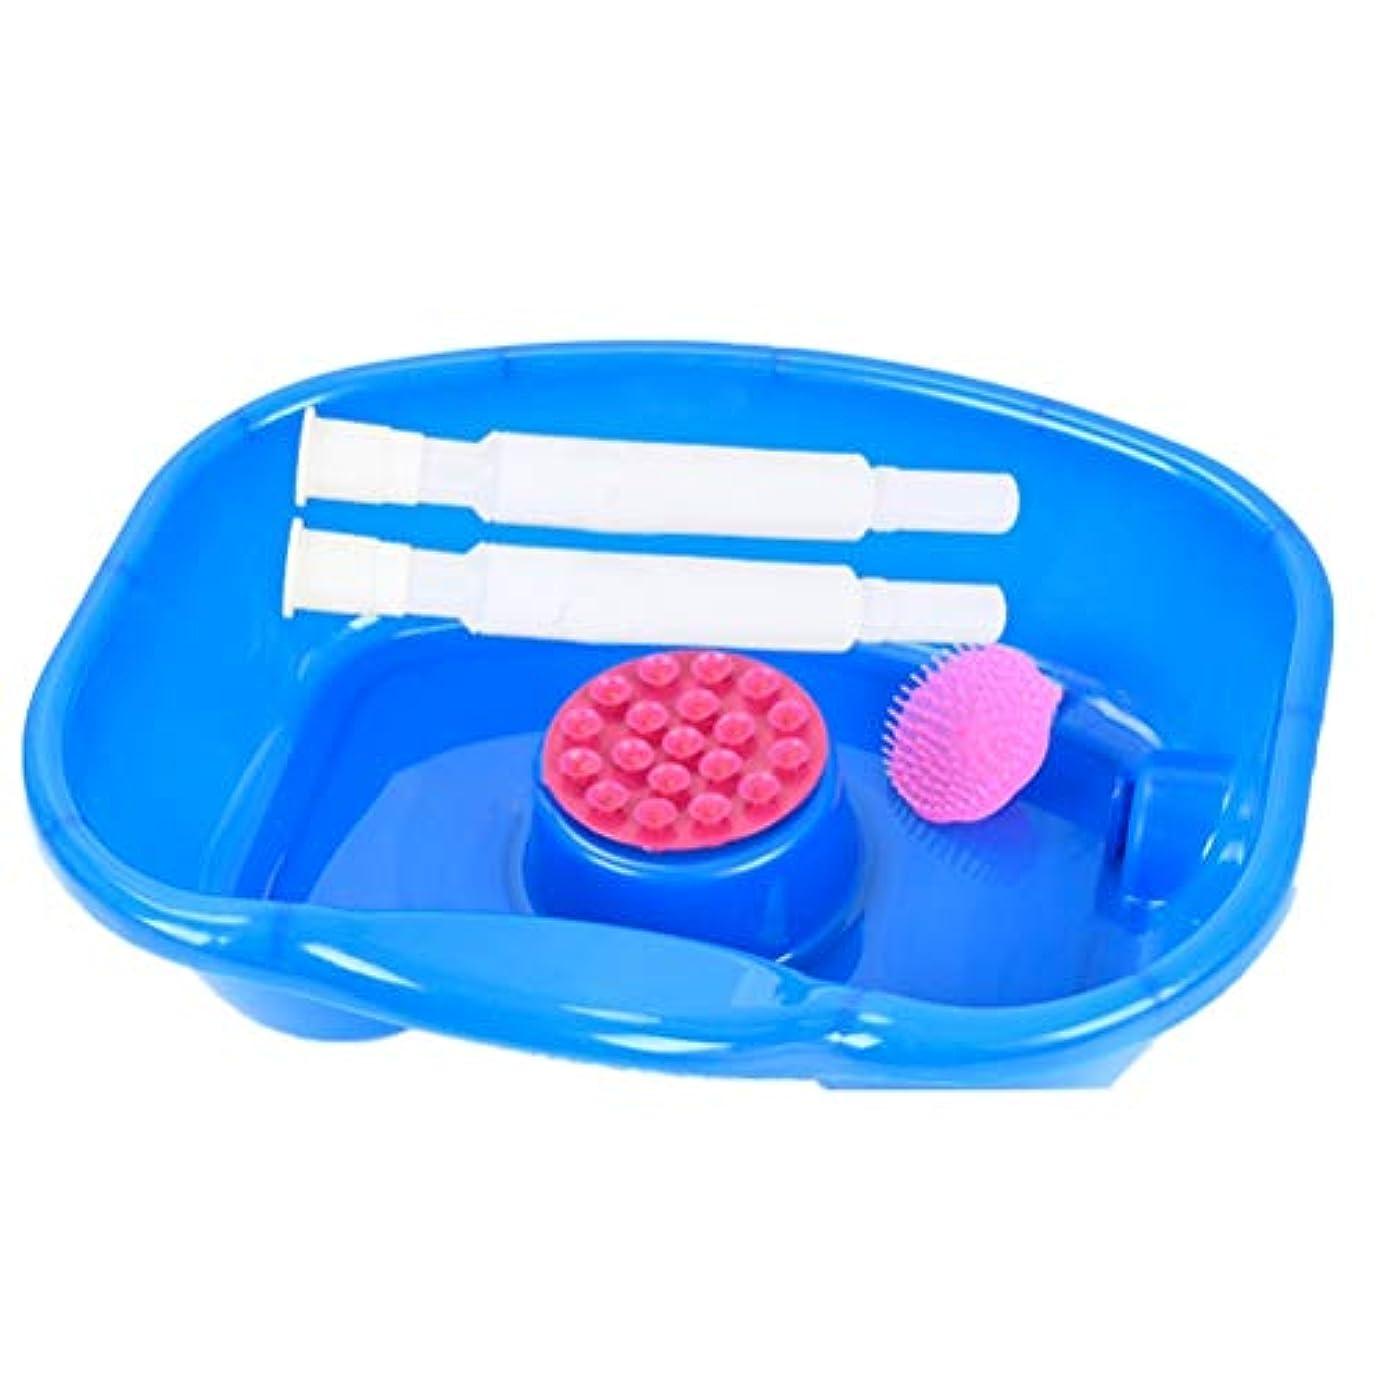 偽造歯痛子豚看護ベッドシャンプー流域、障害者&高齢者のベッド簡単、妊娠、寝たきりや手術後の患者、ベッド閉じ込め患者のための洗髪フェラは厚く、シャンプー盆地キットベッドサイド